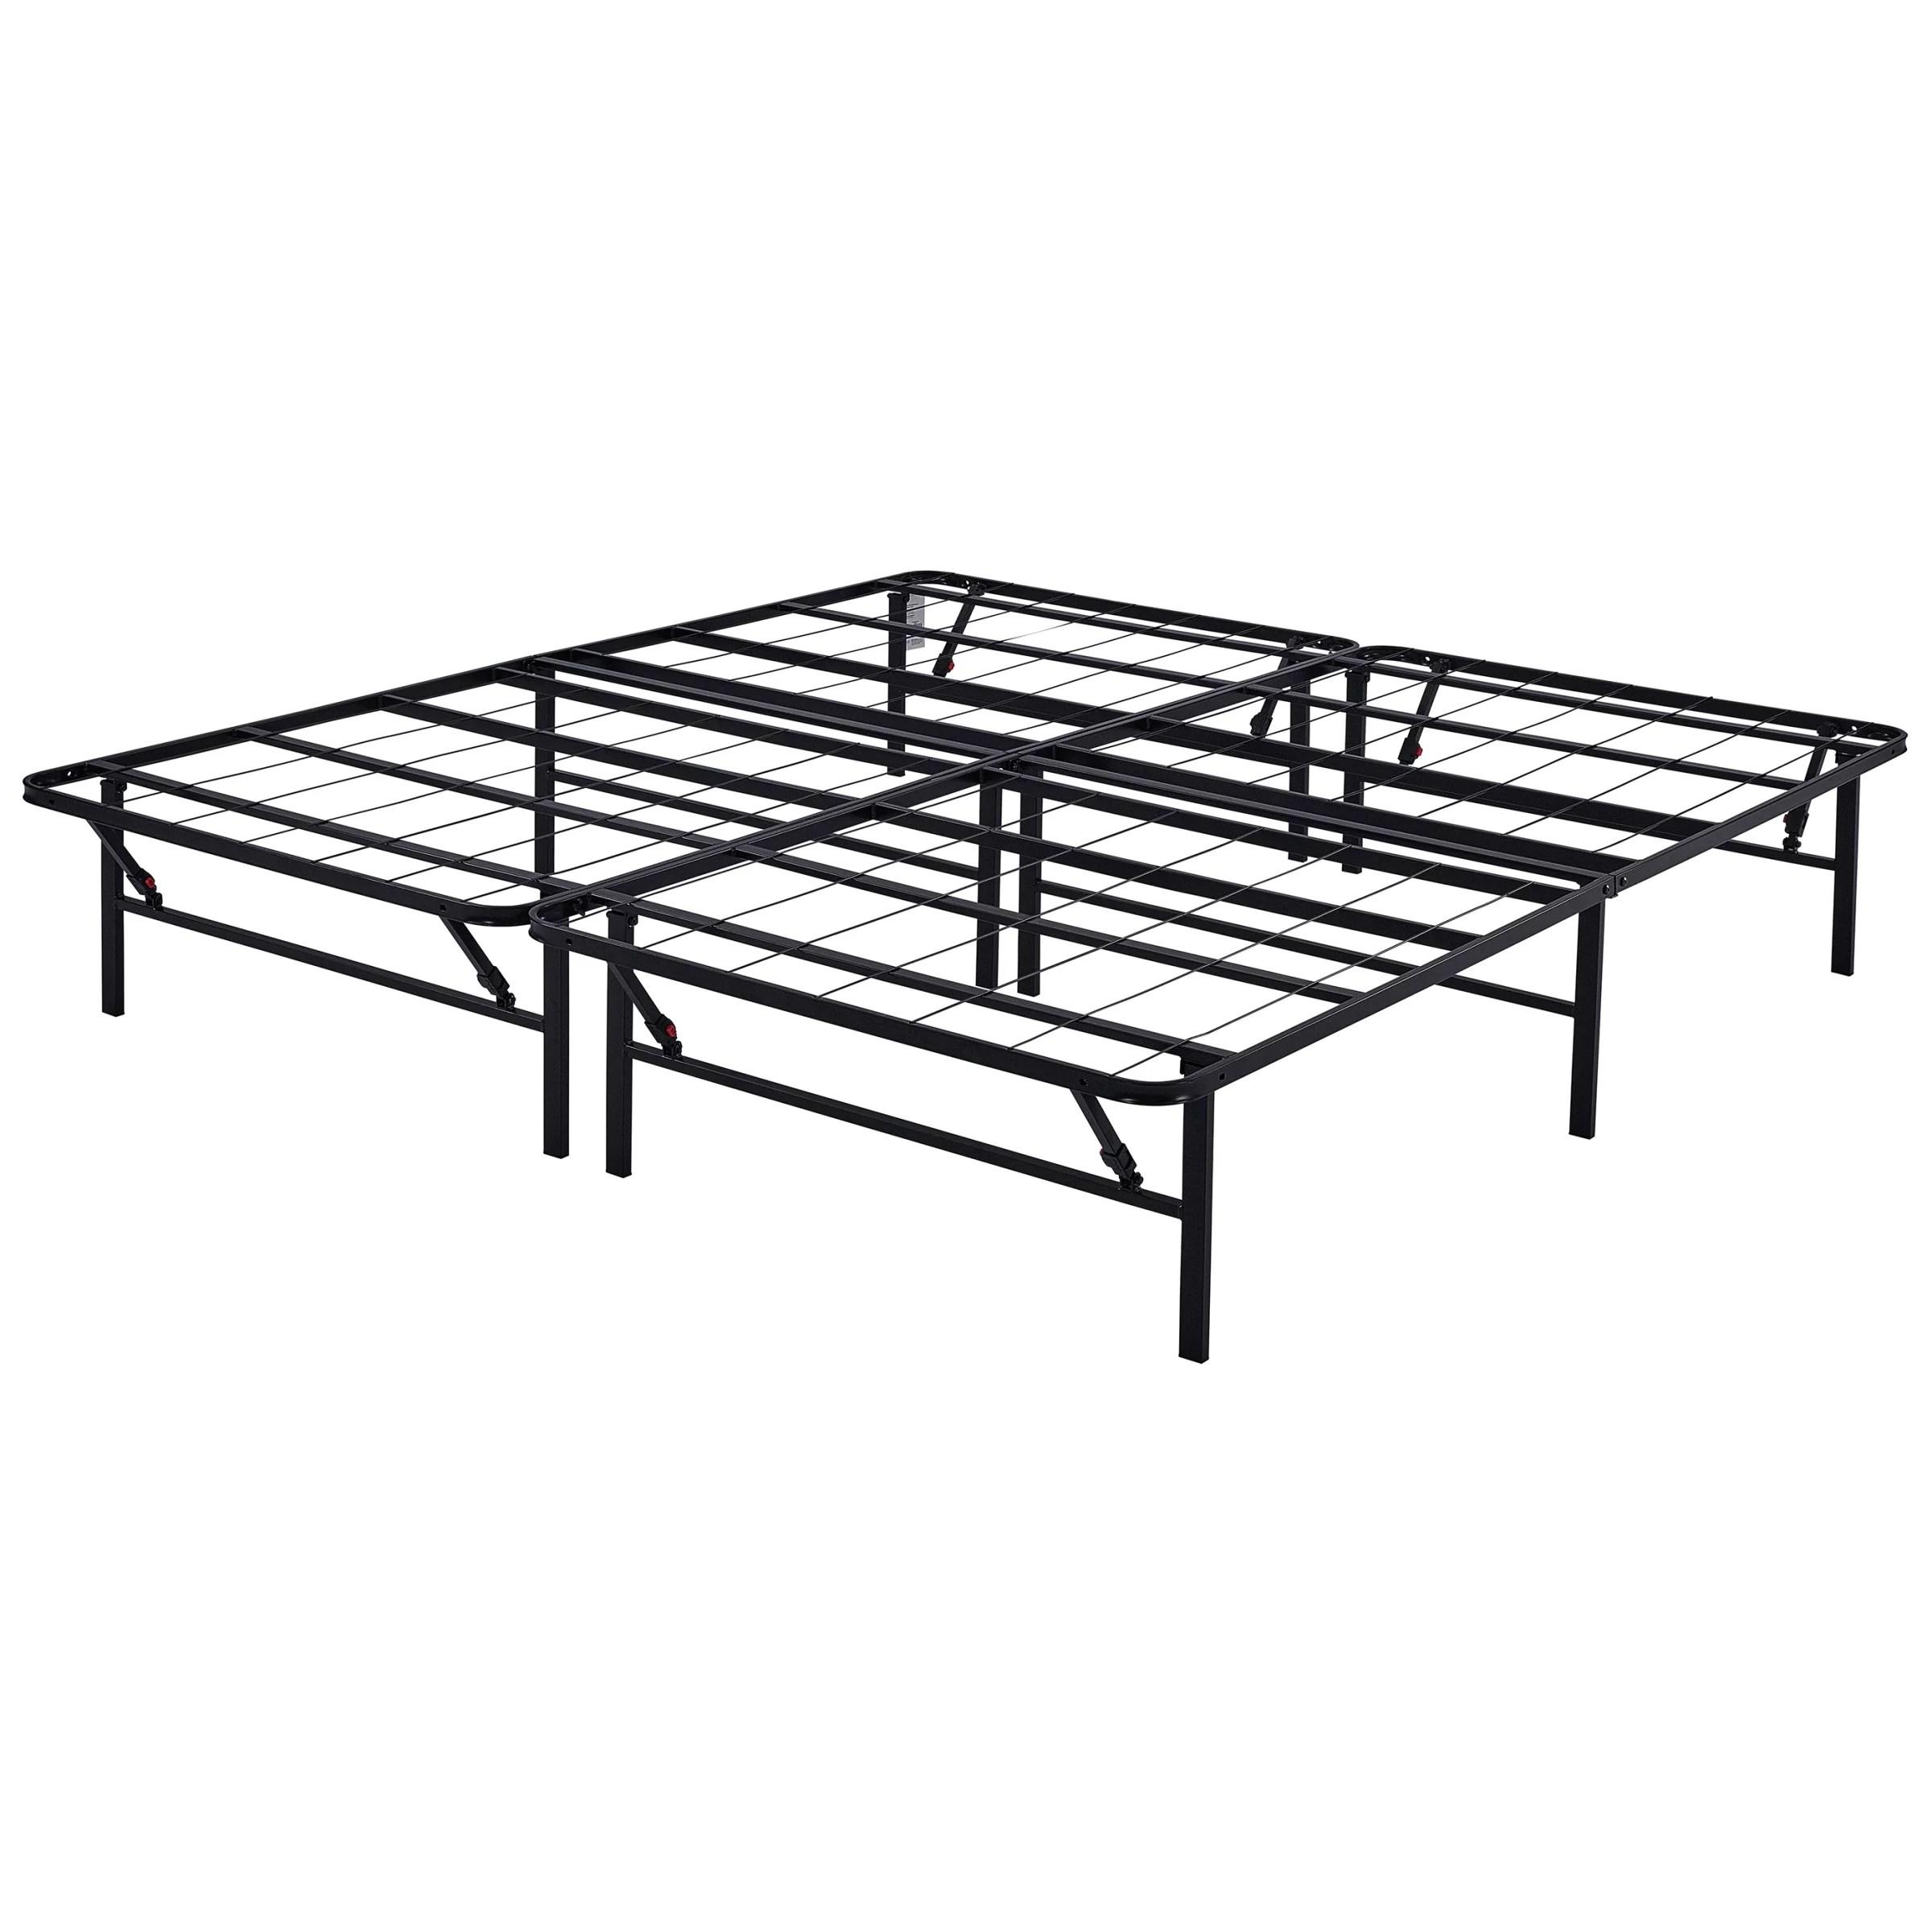 Platform King Size Bed Frame 14 Inch Mattress Foundation